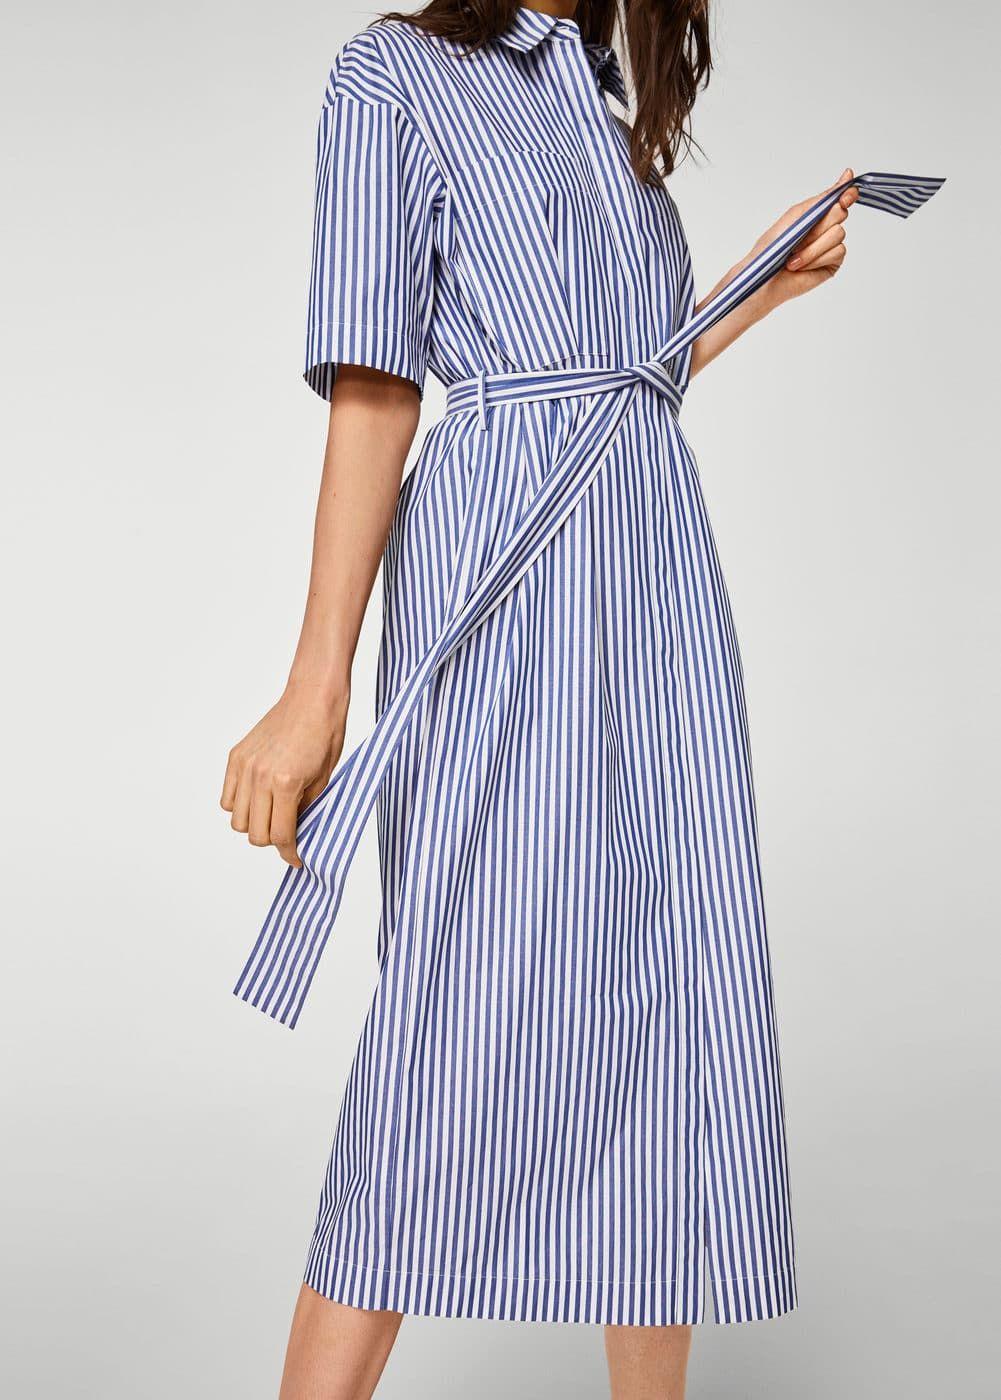 d736b6fff3 Vestido camisero rayas - Vestidos de Mujer